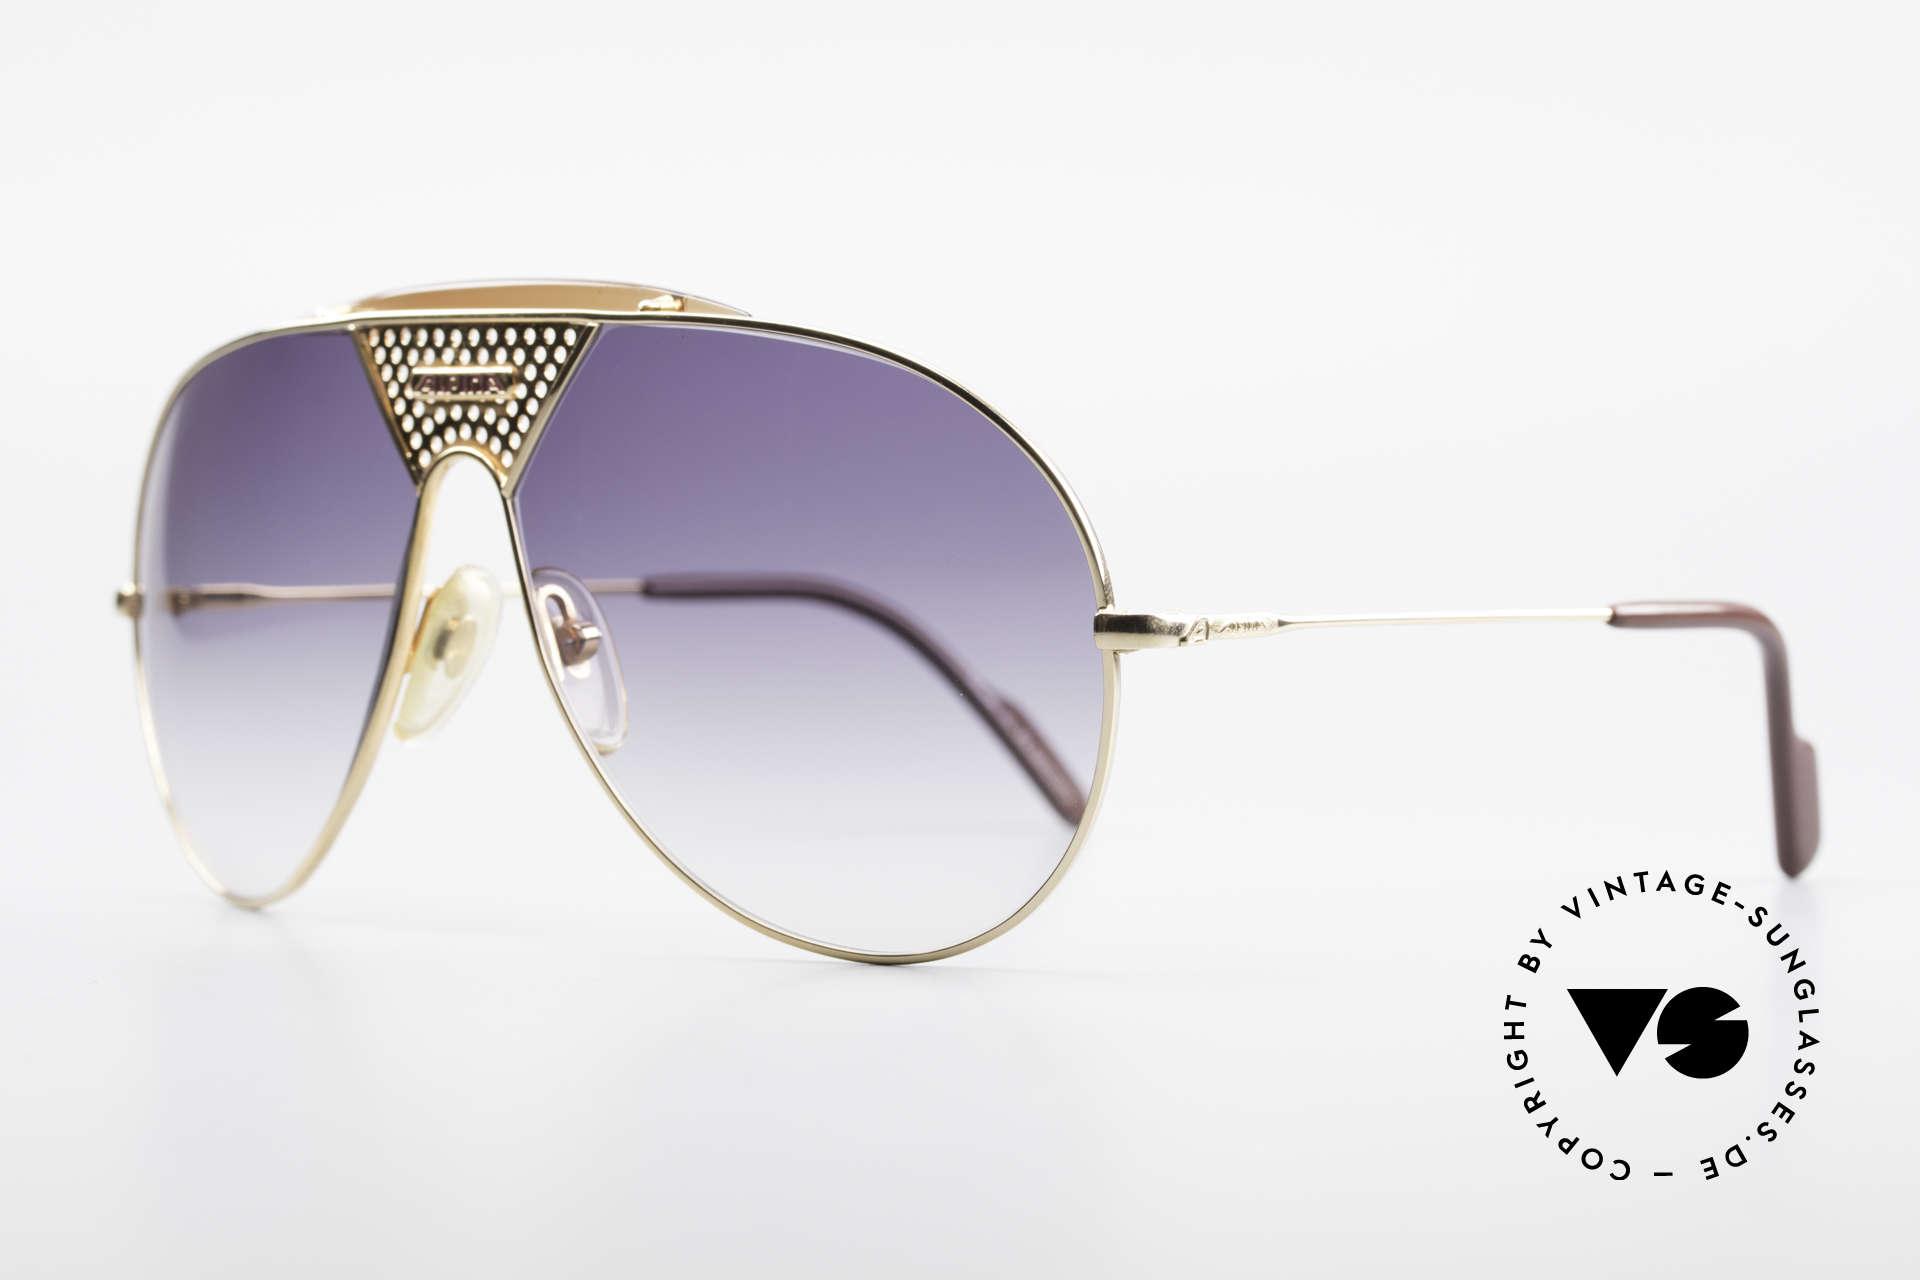 Alpina TR4 80er Miami Vice Sonnenbrille, altes W. Germany Original von 1986; Large Gr. 64-14, Passend für Herren